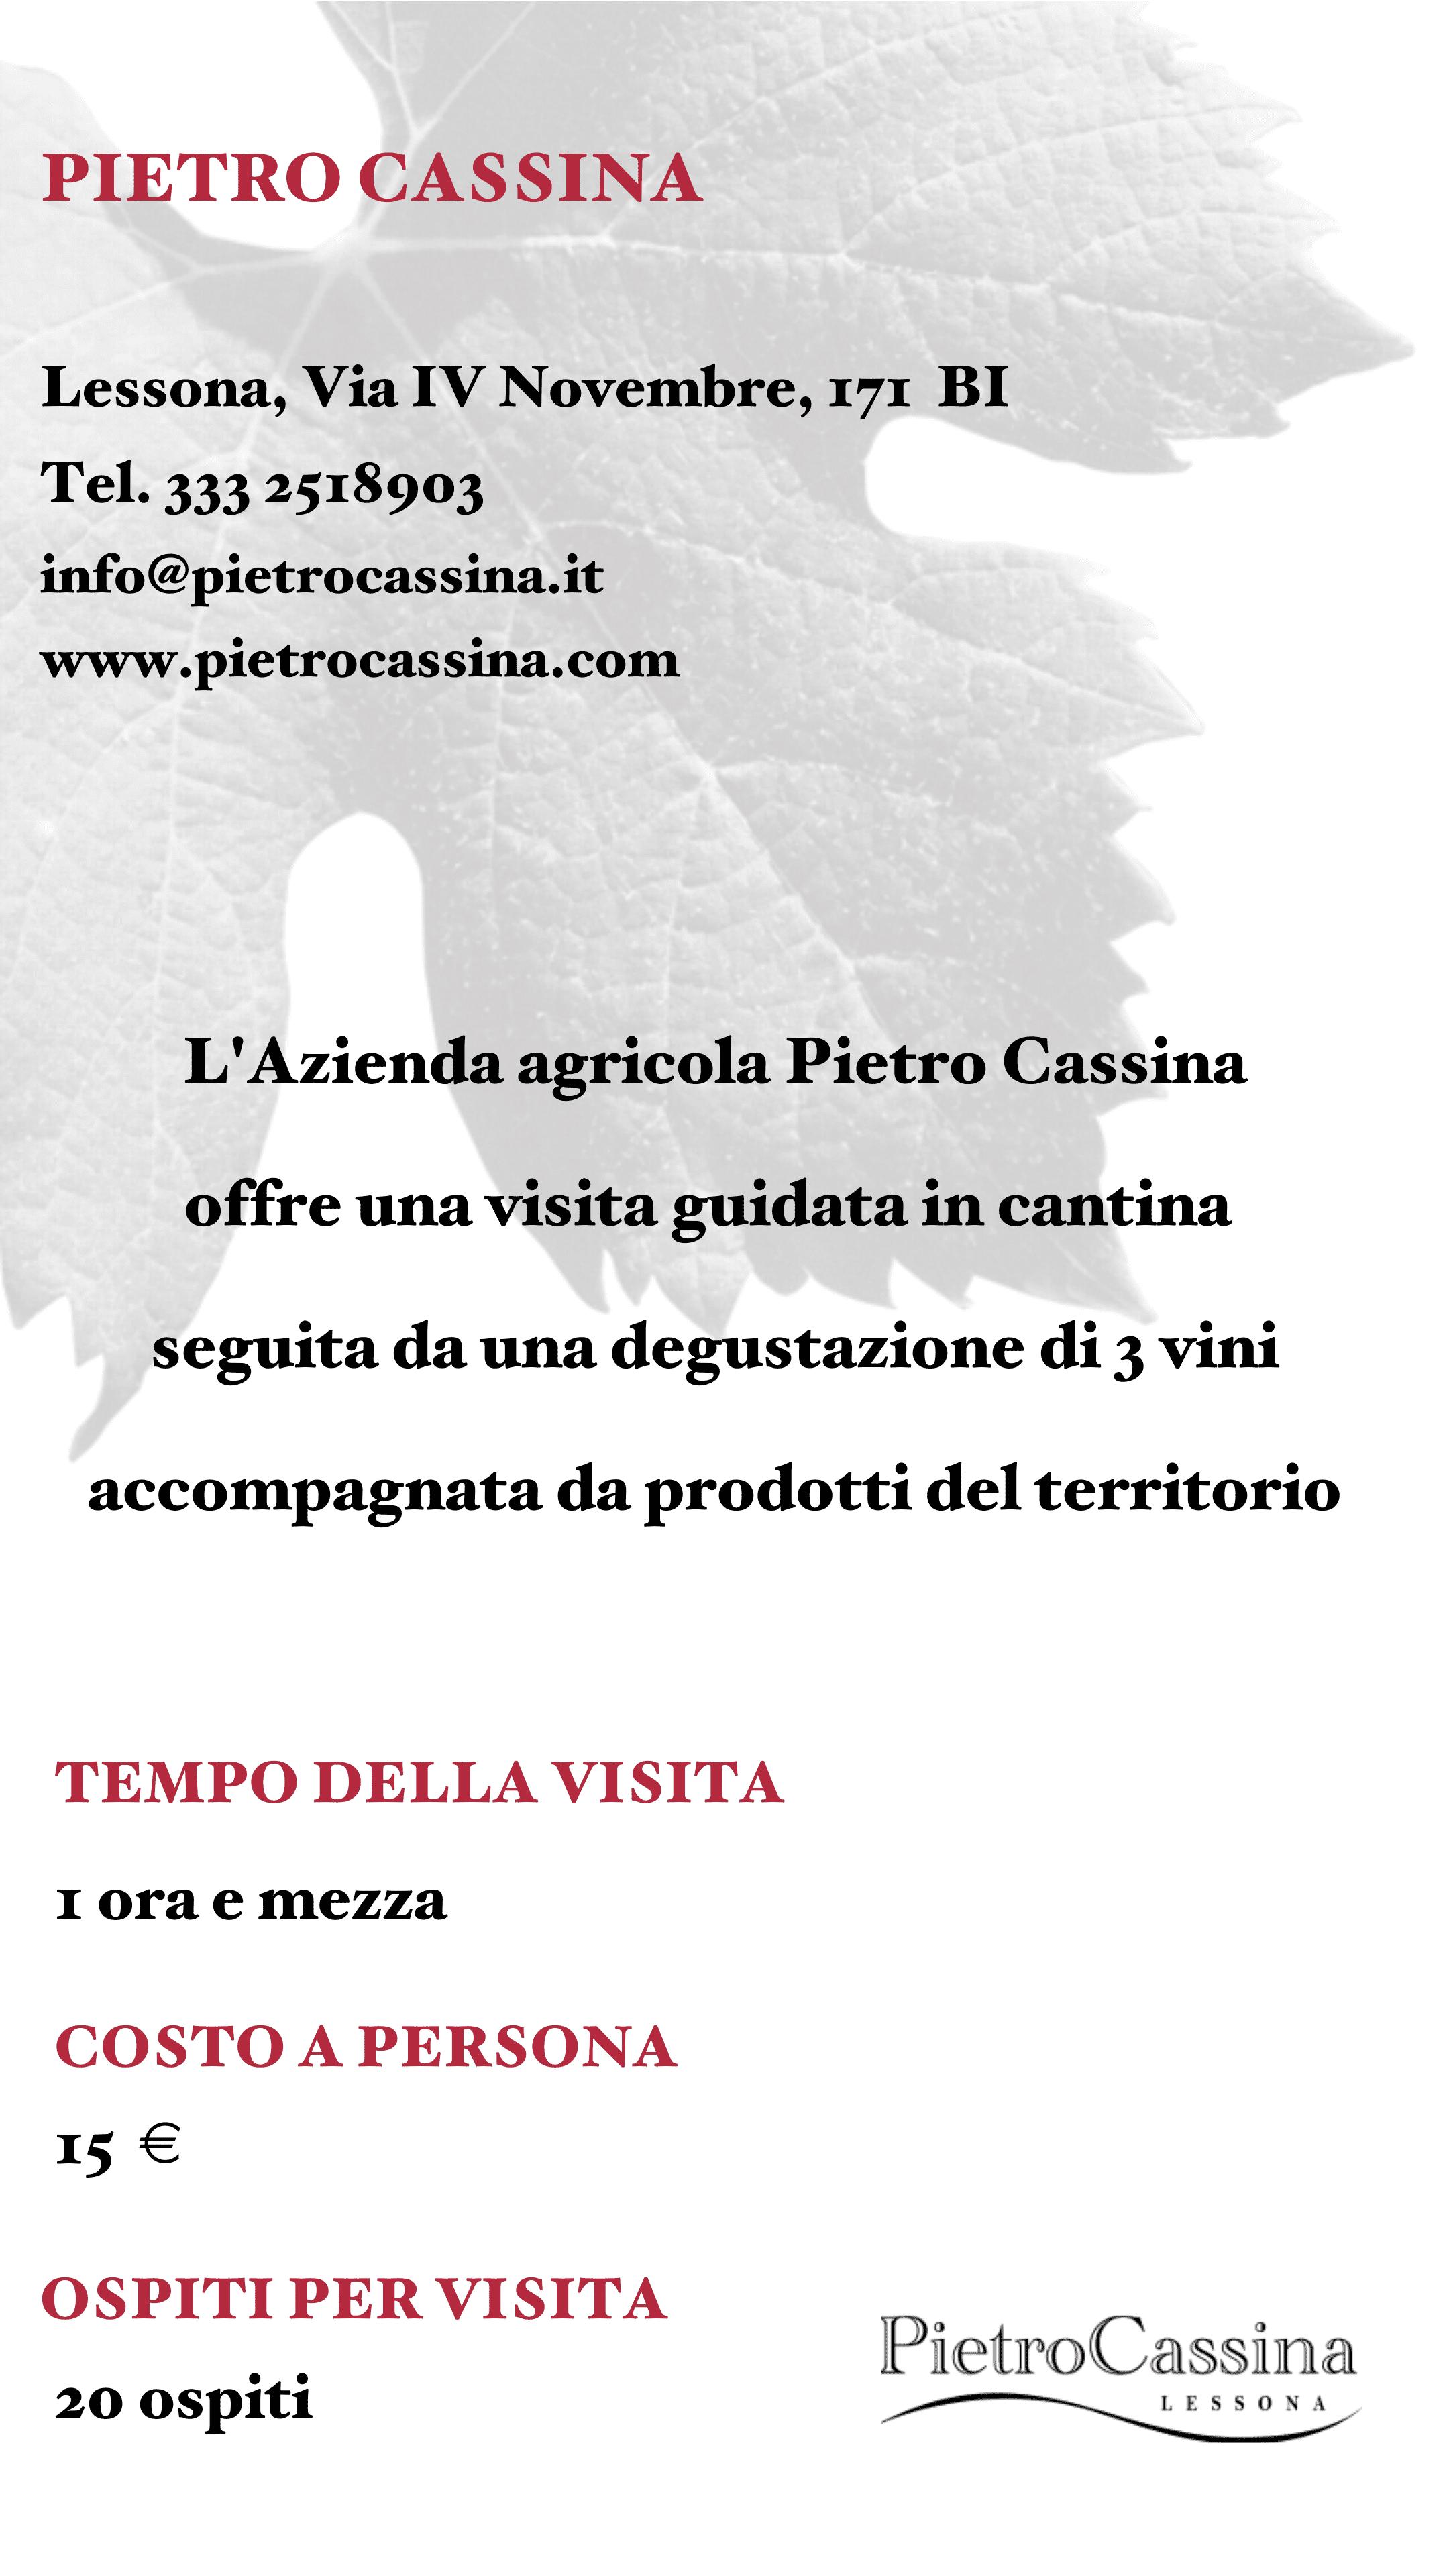 Pietro Cassina